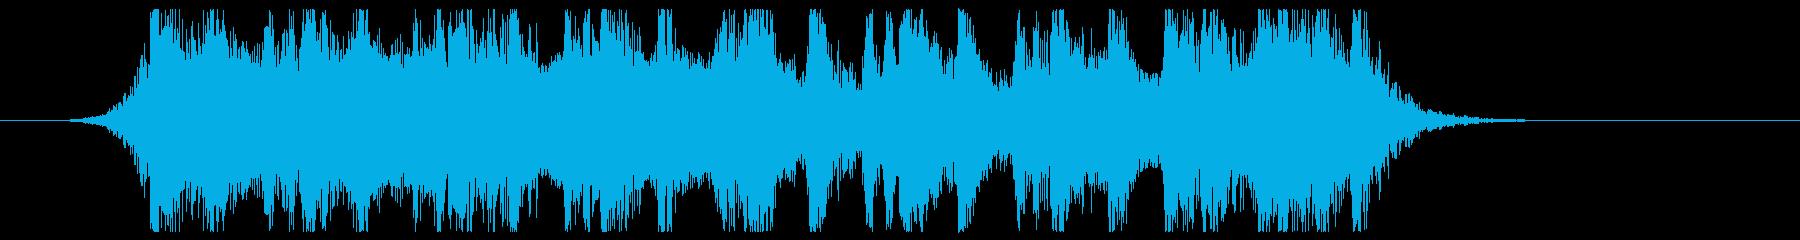 古代風ダークファンタジー風サウンドロゴの再生済みの波形